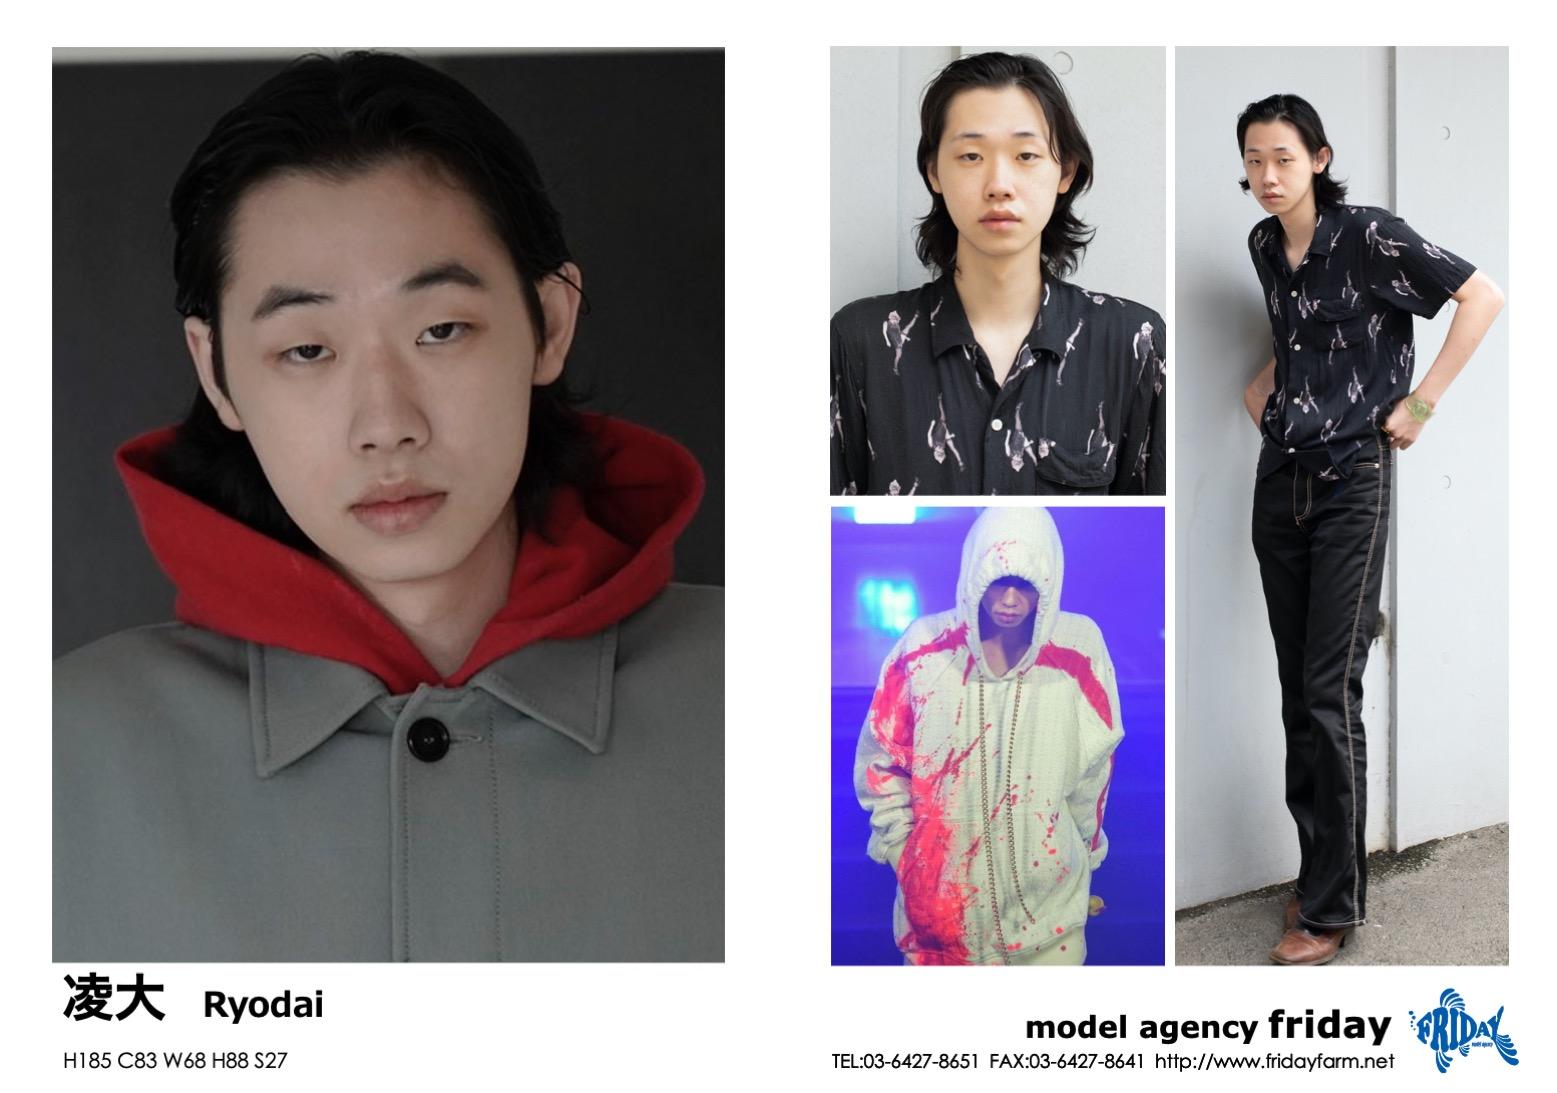 凌大 - Ryodai | model agency friday